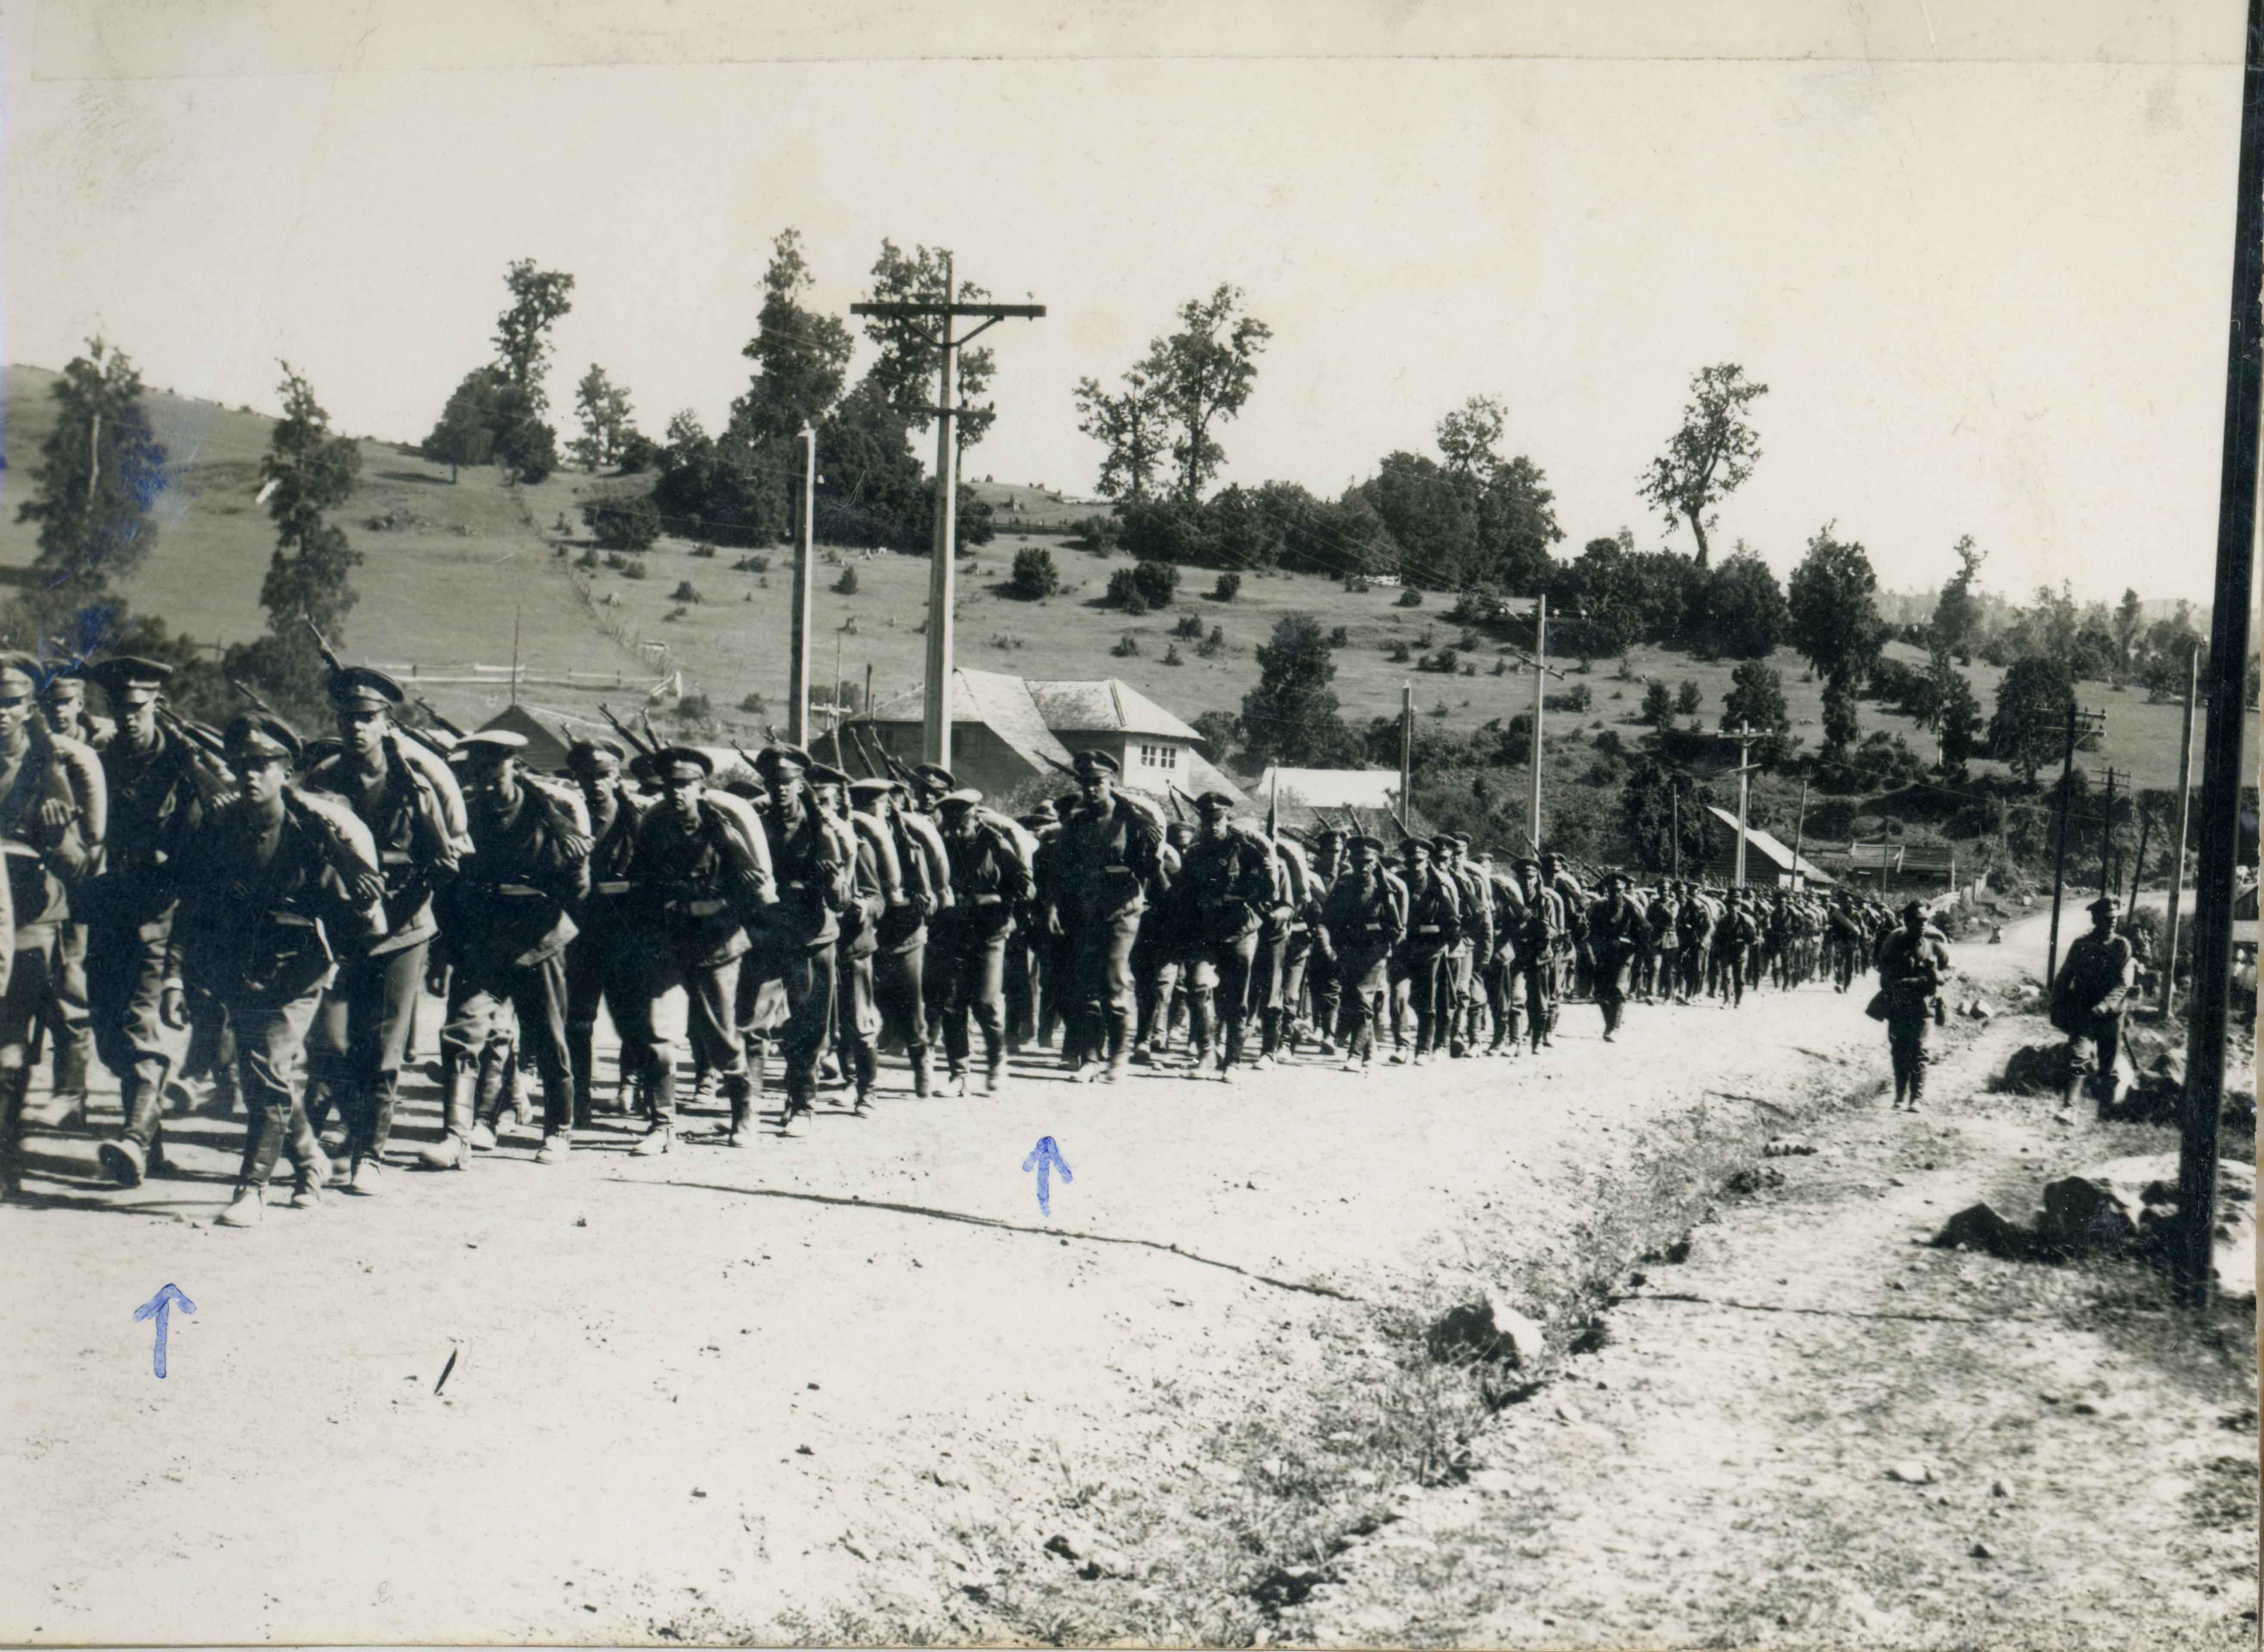 Enterreno - Fotos históricas de chile - fotos antiguas de Chile - Marcha de cadetes en 1943